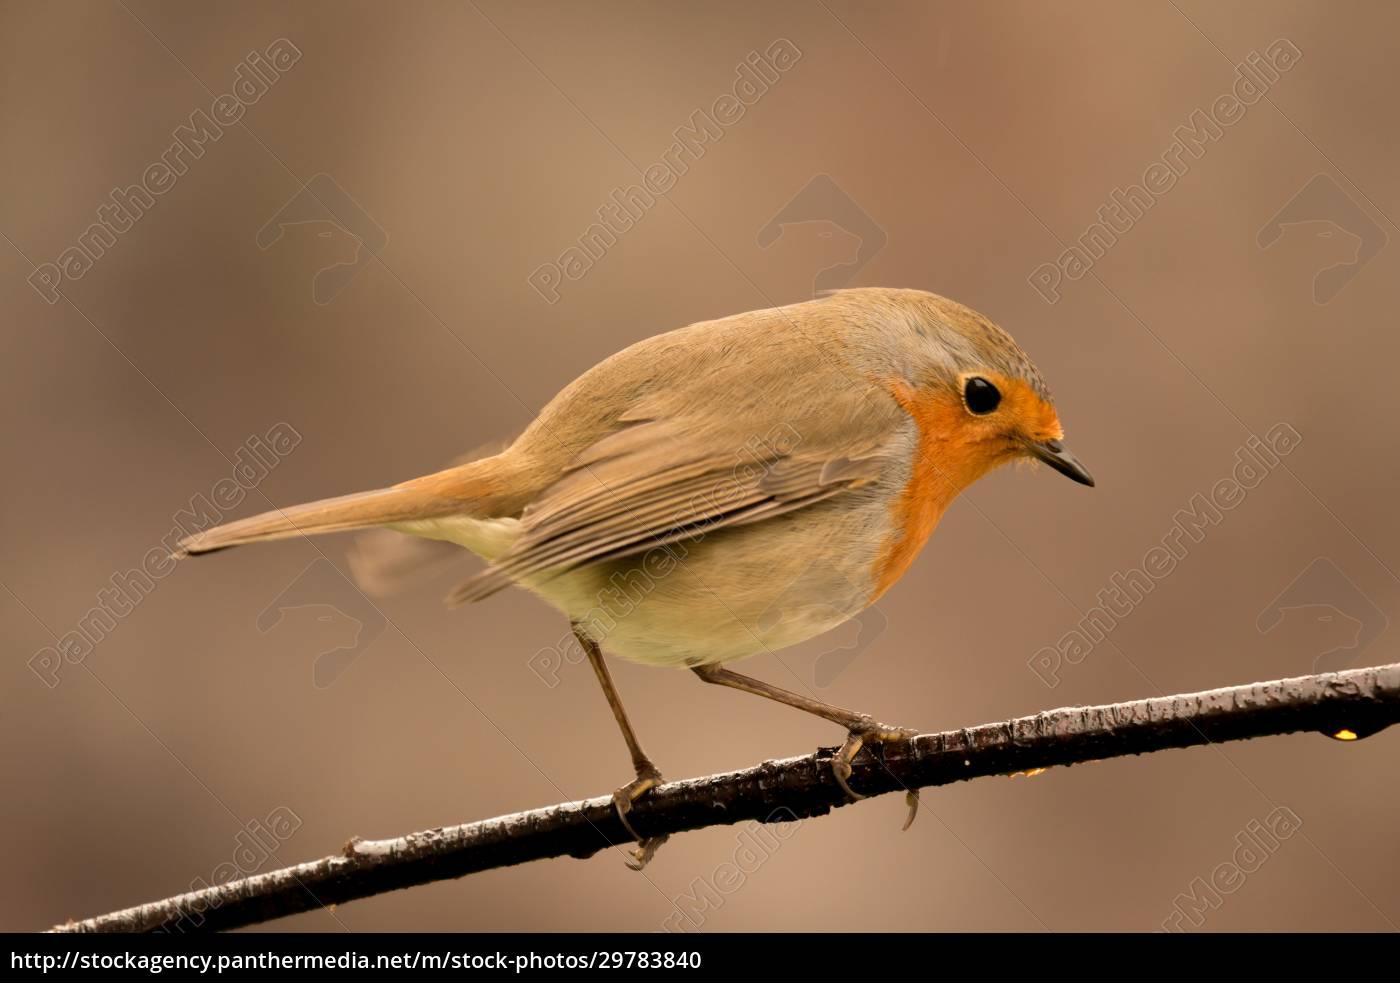 pretty, bird, with, a, nice, orange - 29783840